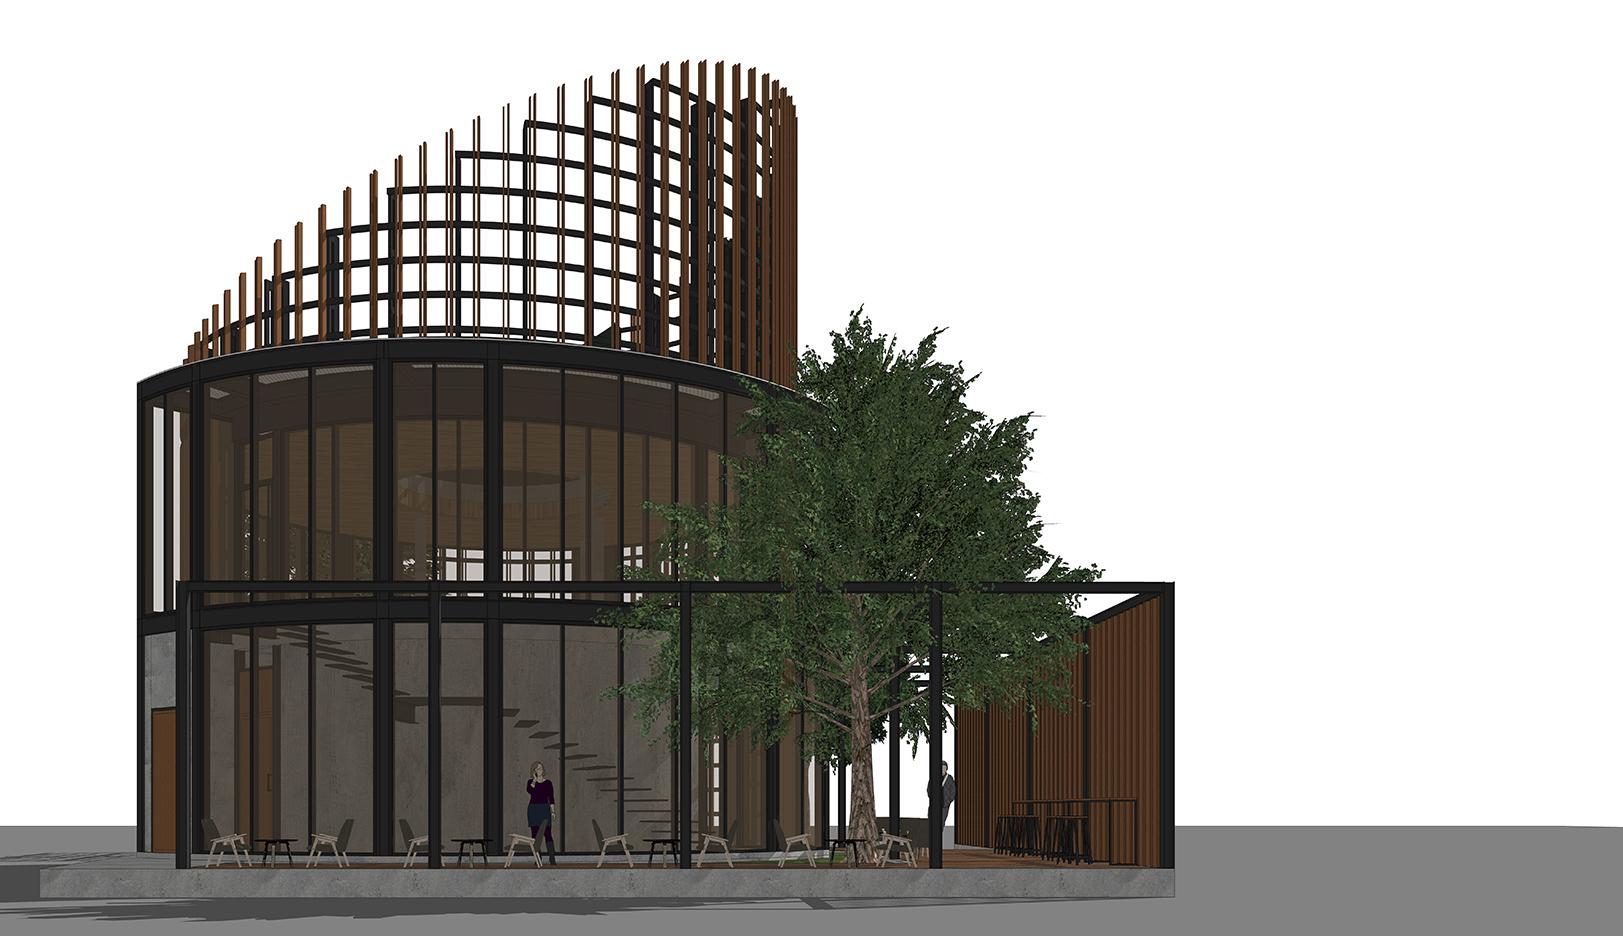 10DESIGN PTT GAS STATION LANDSCAPE ARCHITECTURE FACADE CURVE DESIGN PROJECT 03